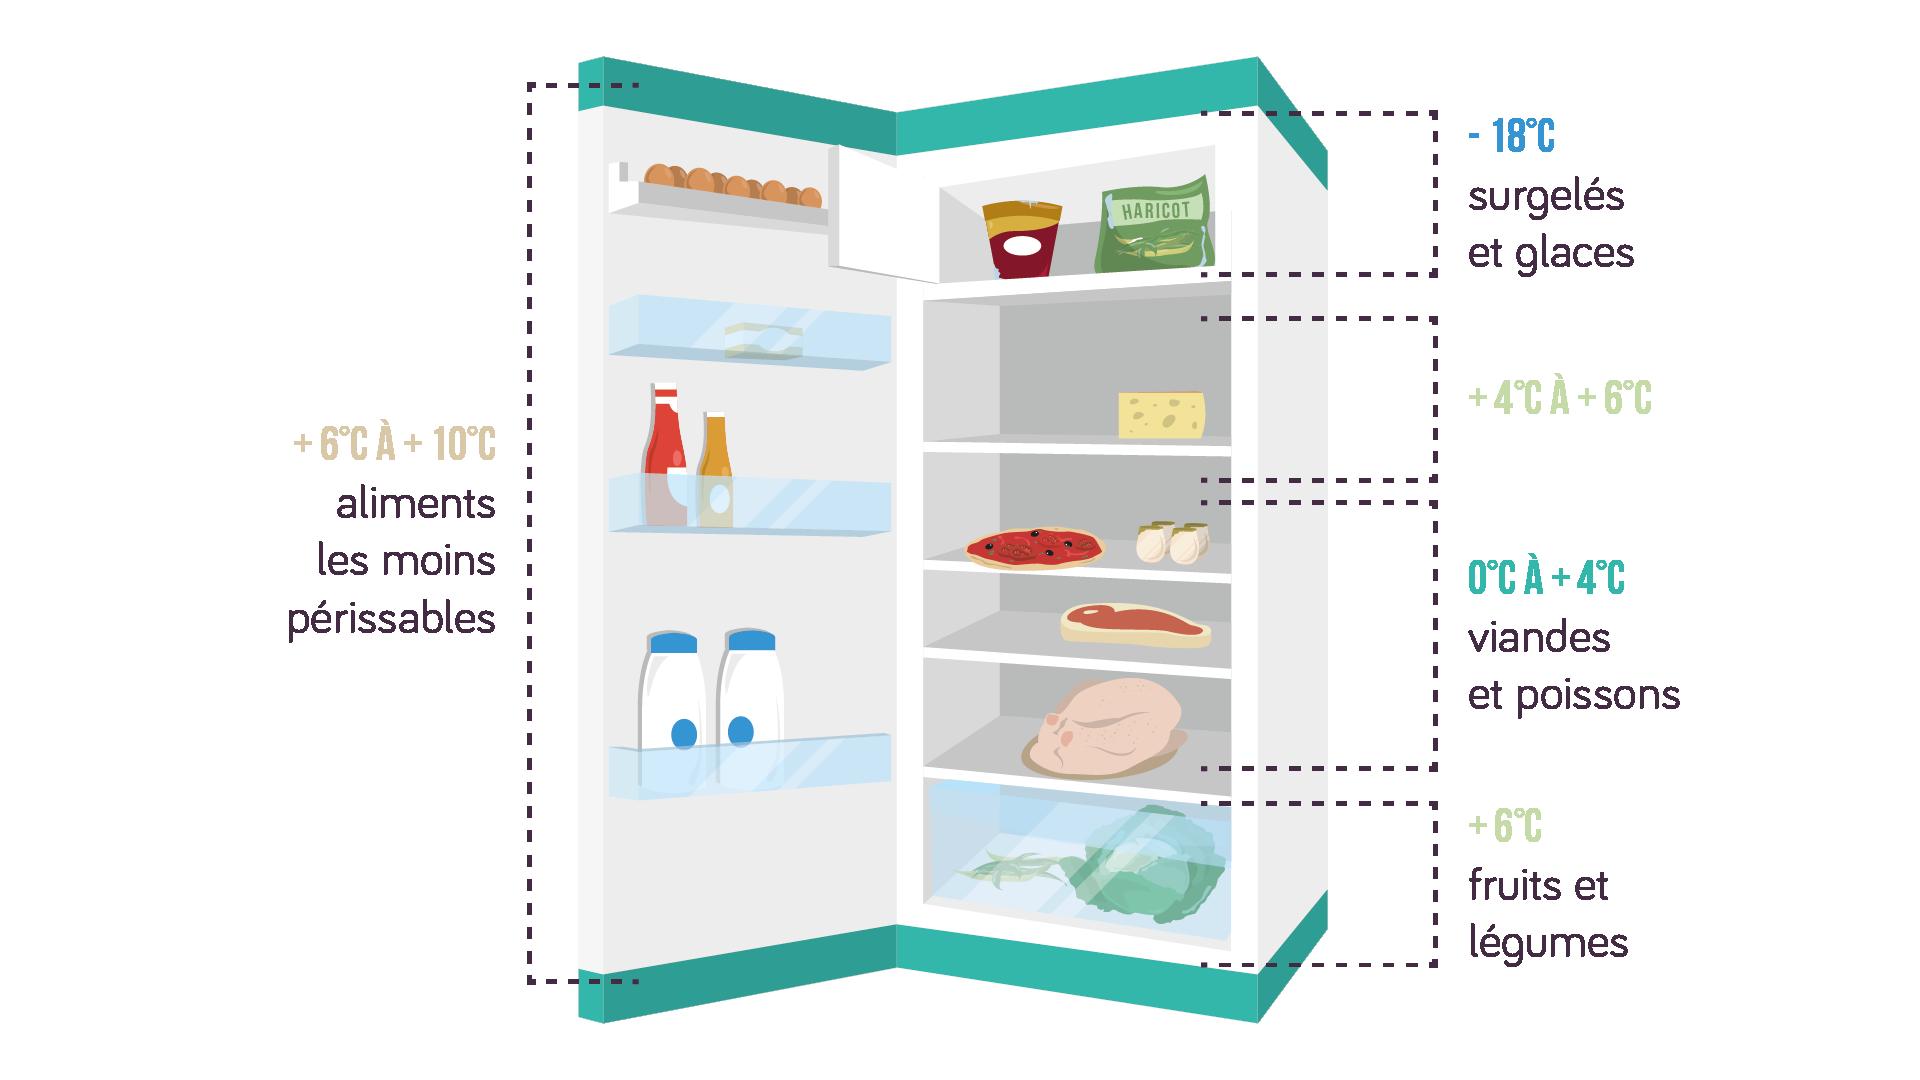 la conservation des aliments fiche de cours schoolmouv. Black Bedroom Furniture Sets. Home Design Ideas